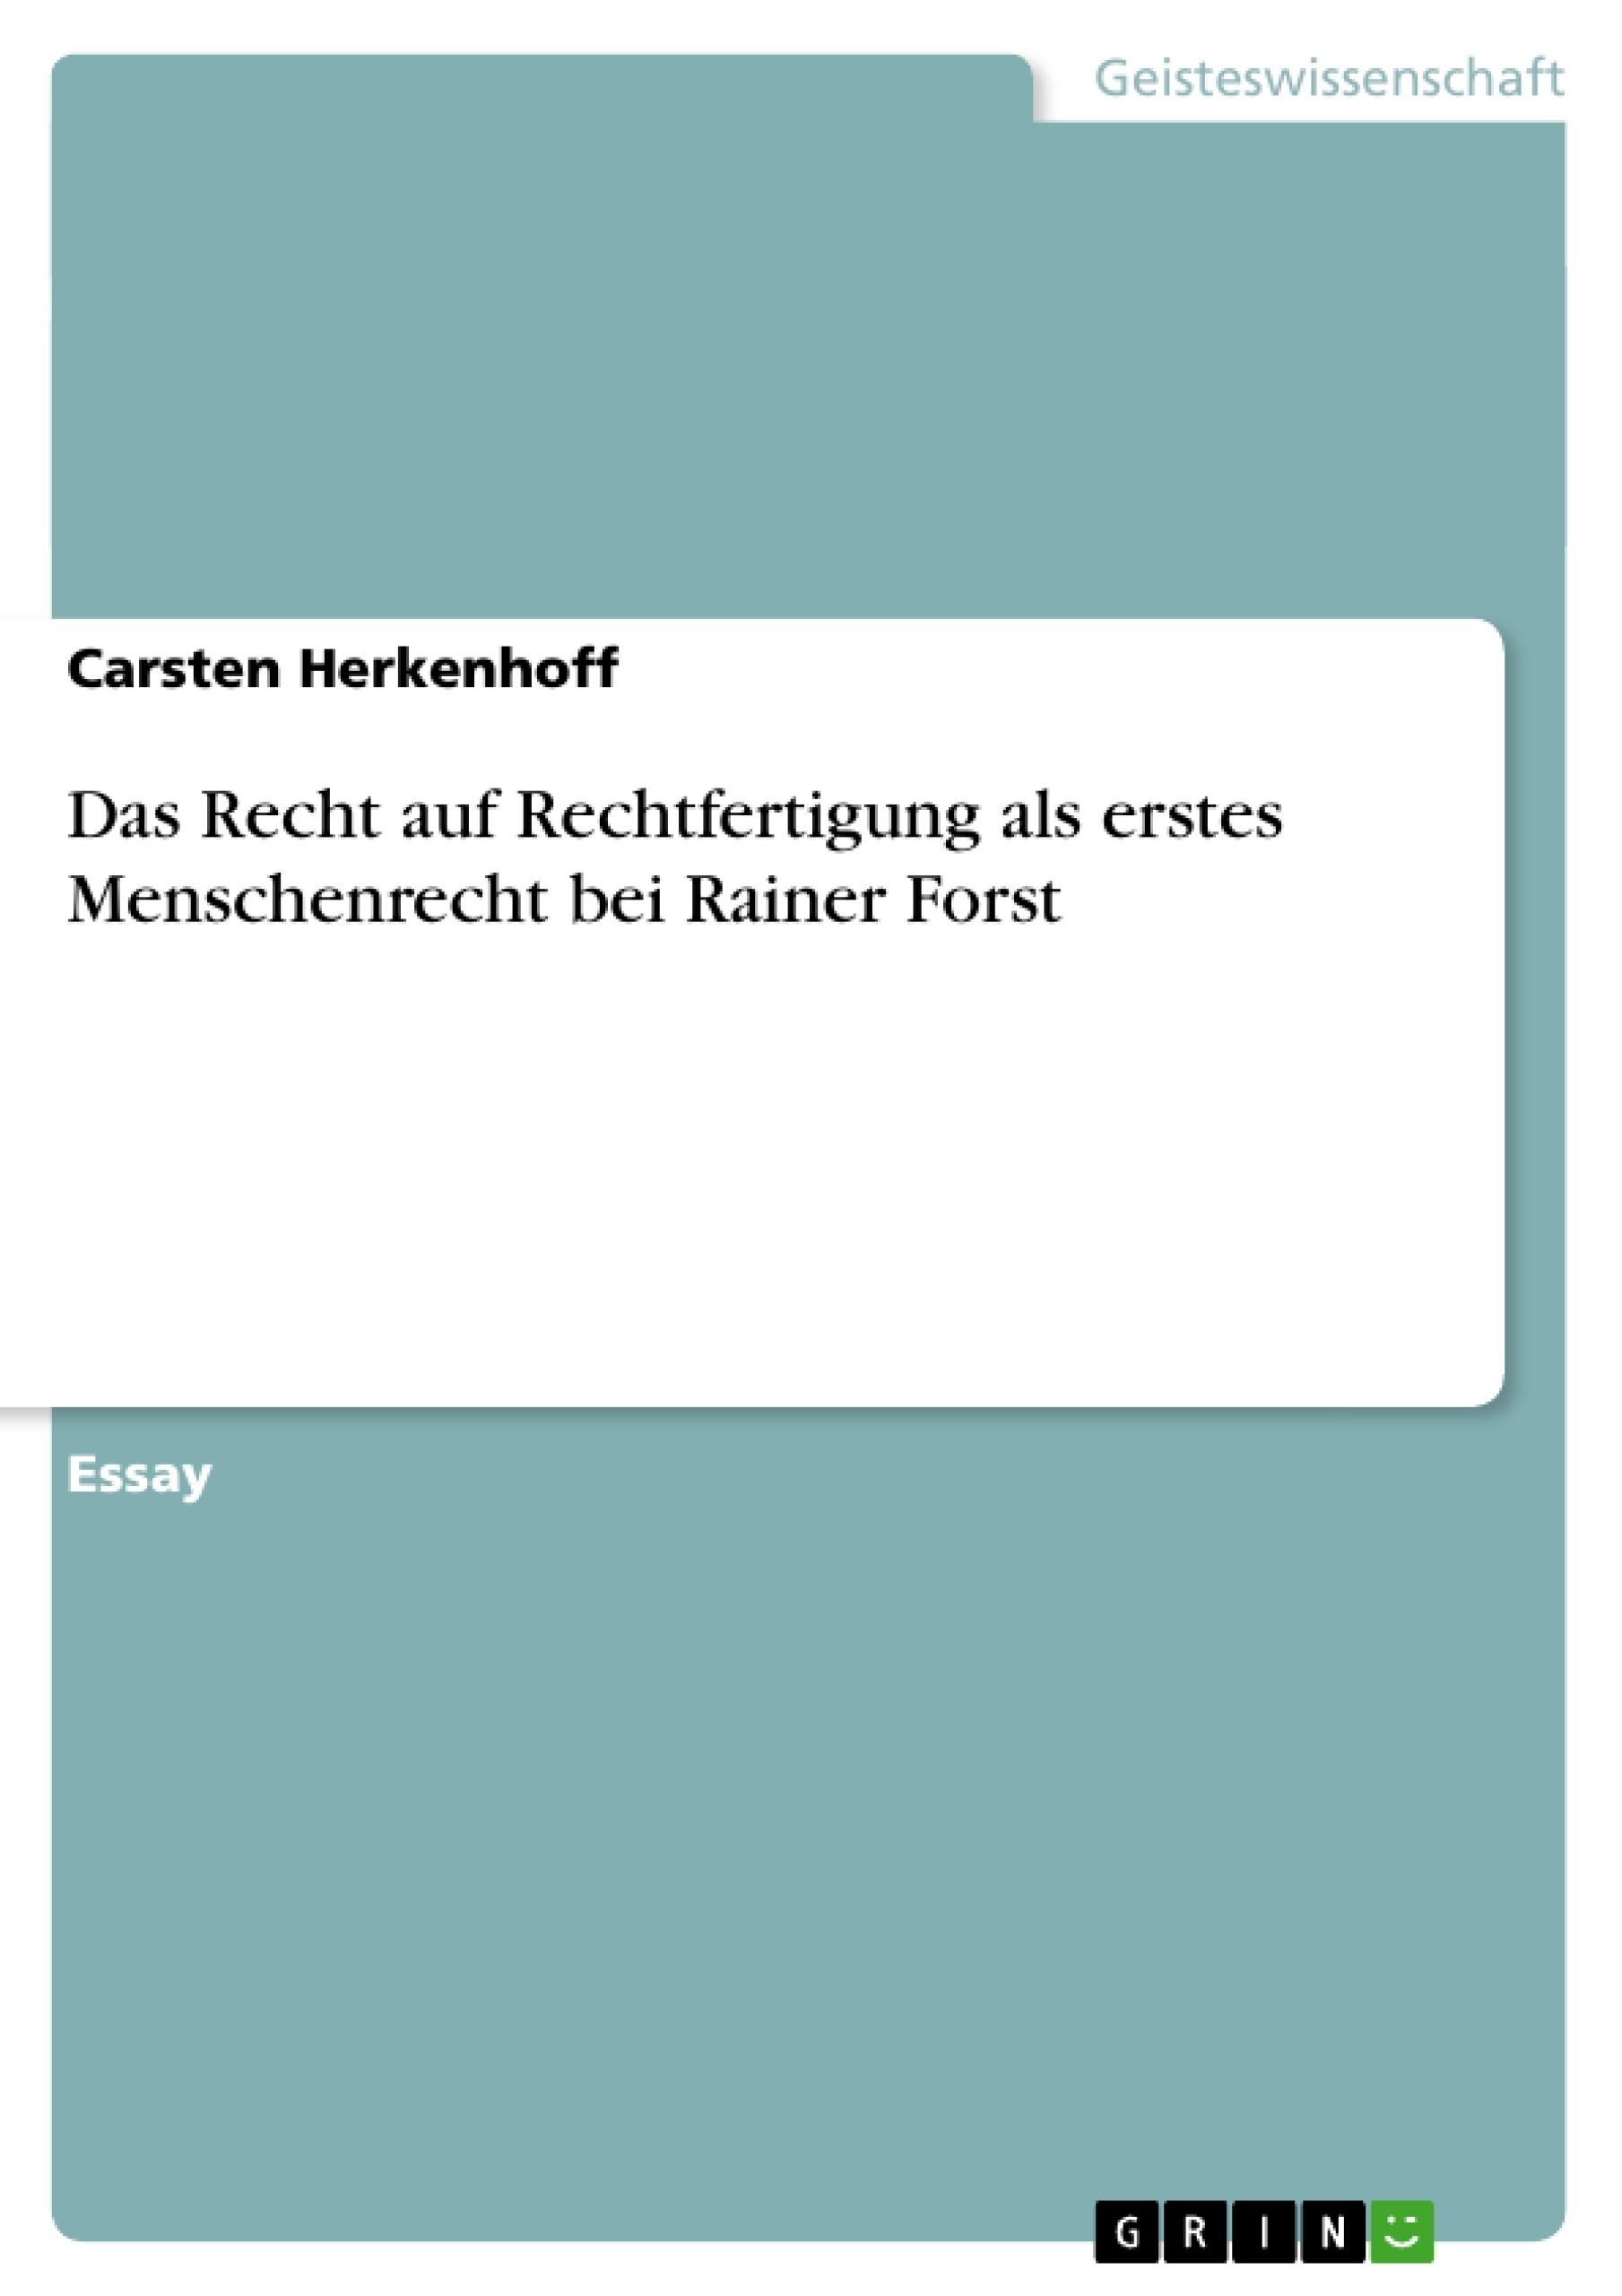 Titel: Das Recht auf Rechtfertigung als erstes Menschenrecht bei Rainer Forst